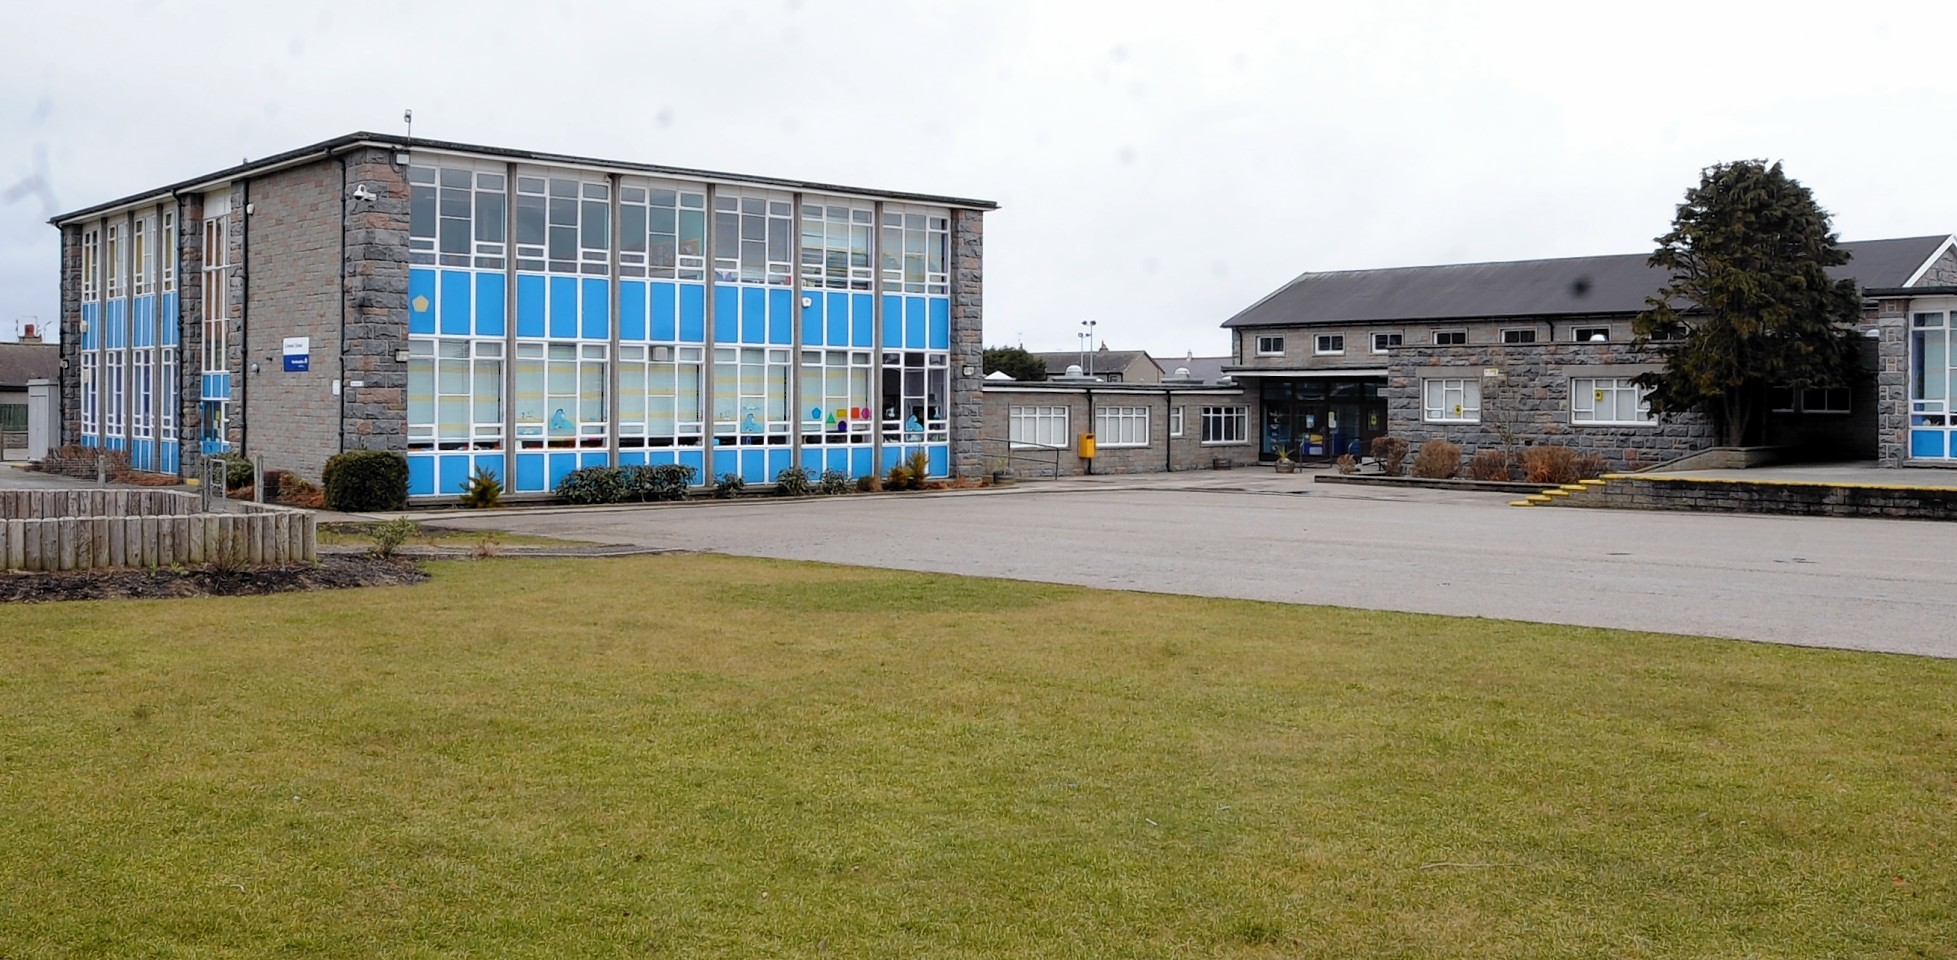 Crimond School, Crimond, Aberdeenshire.